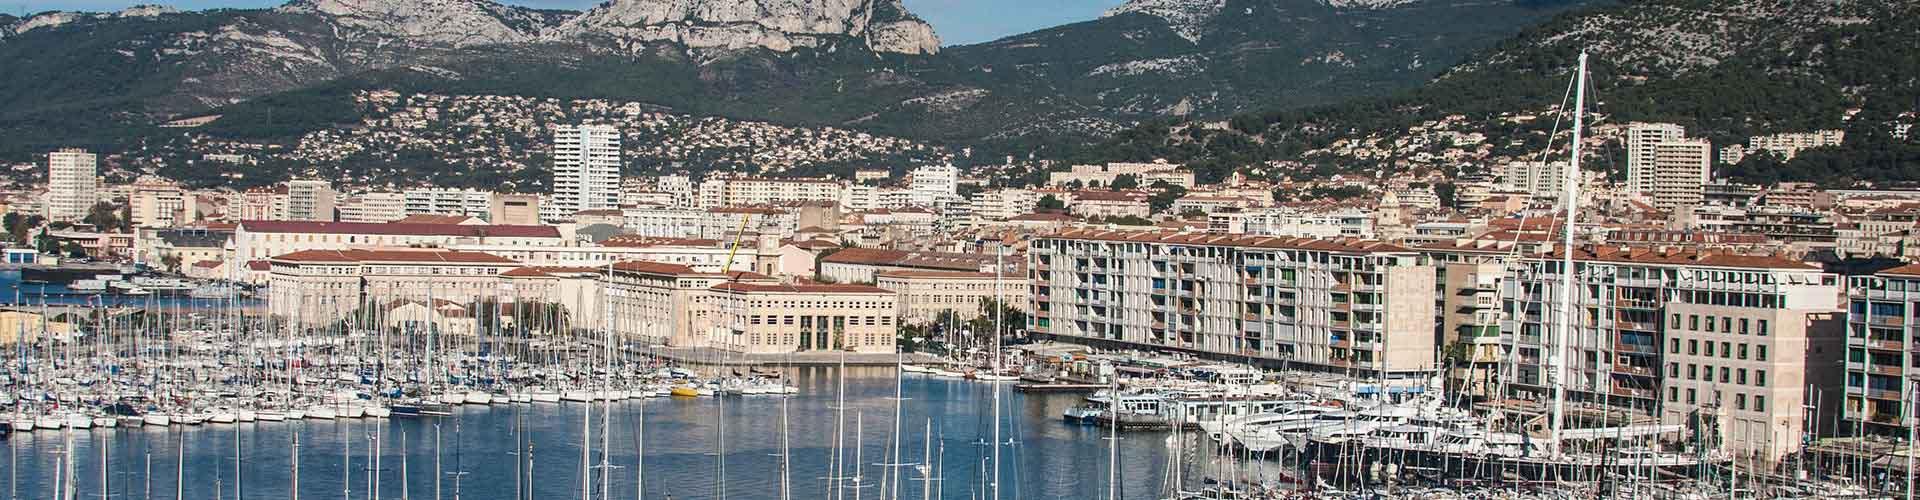 Toulon - Hoteles baratos en Toulon. Mapas de Toulon, Fotos y comentarios de cada Hotel en Toulon.